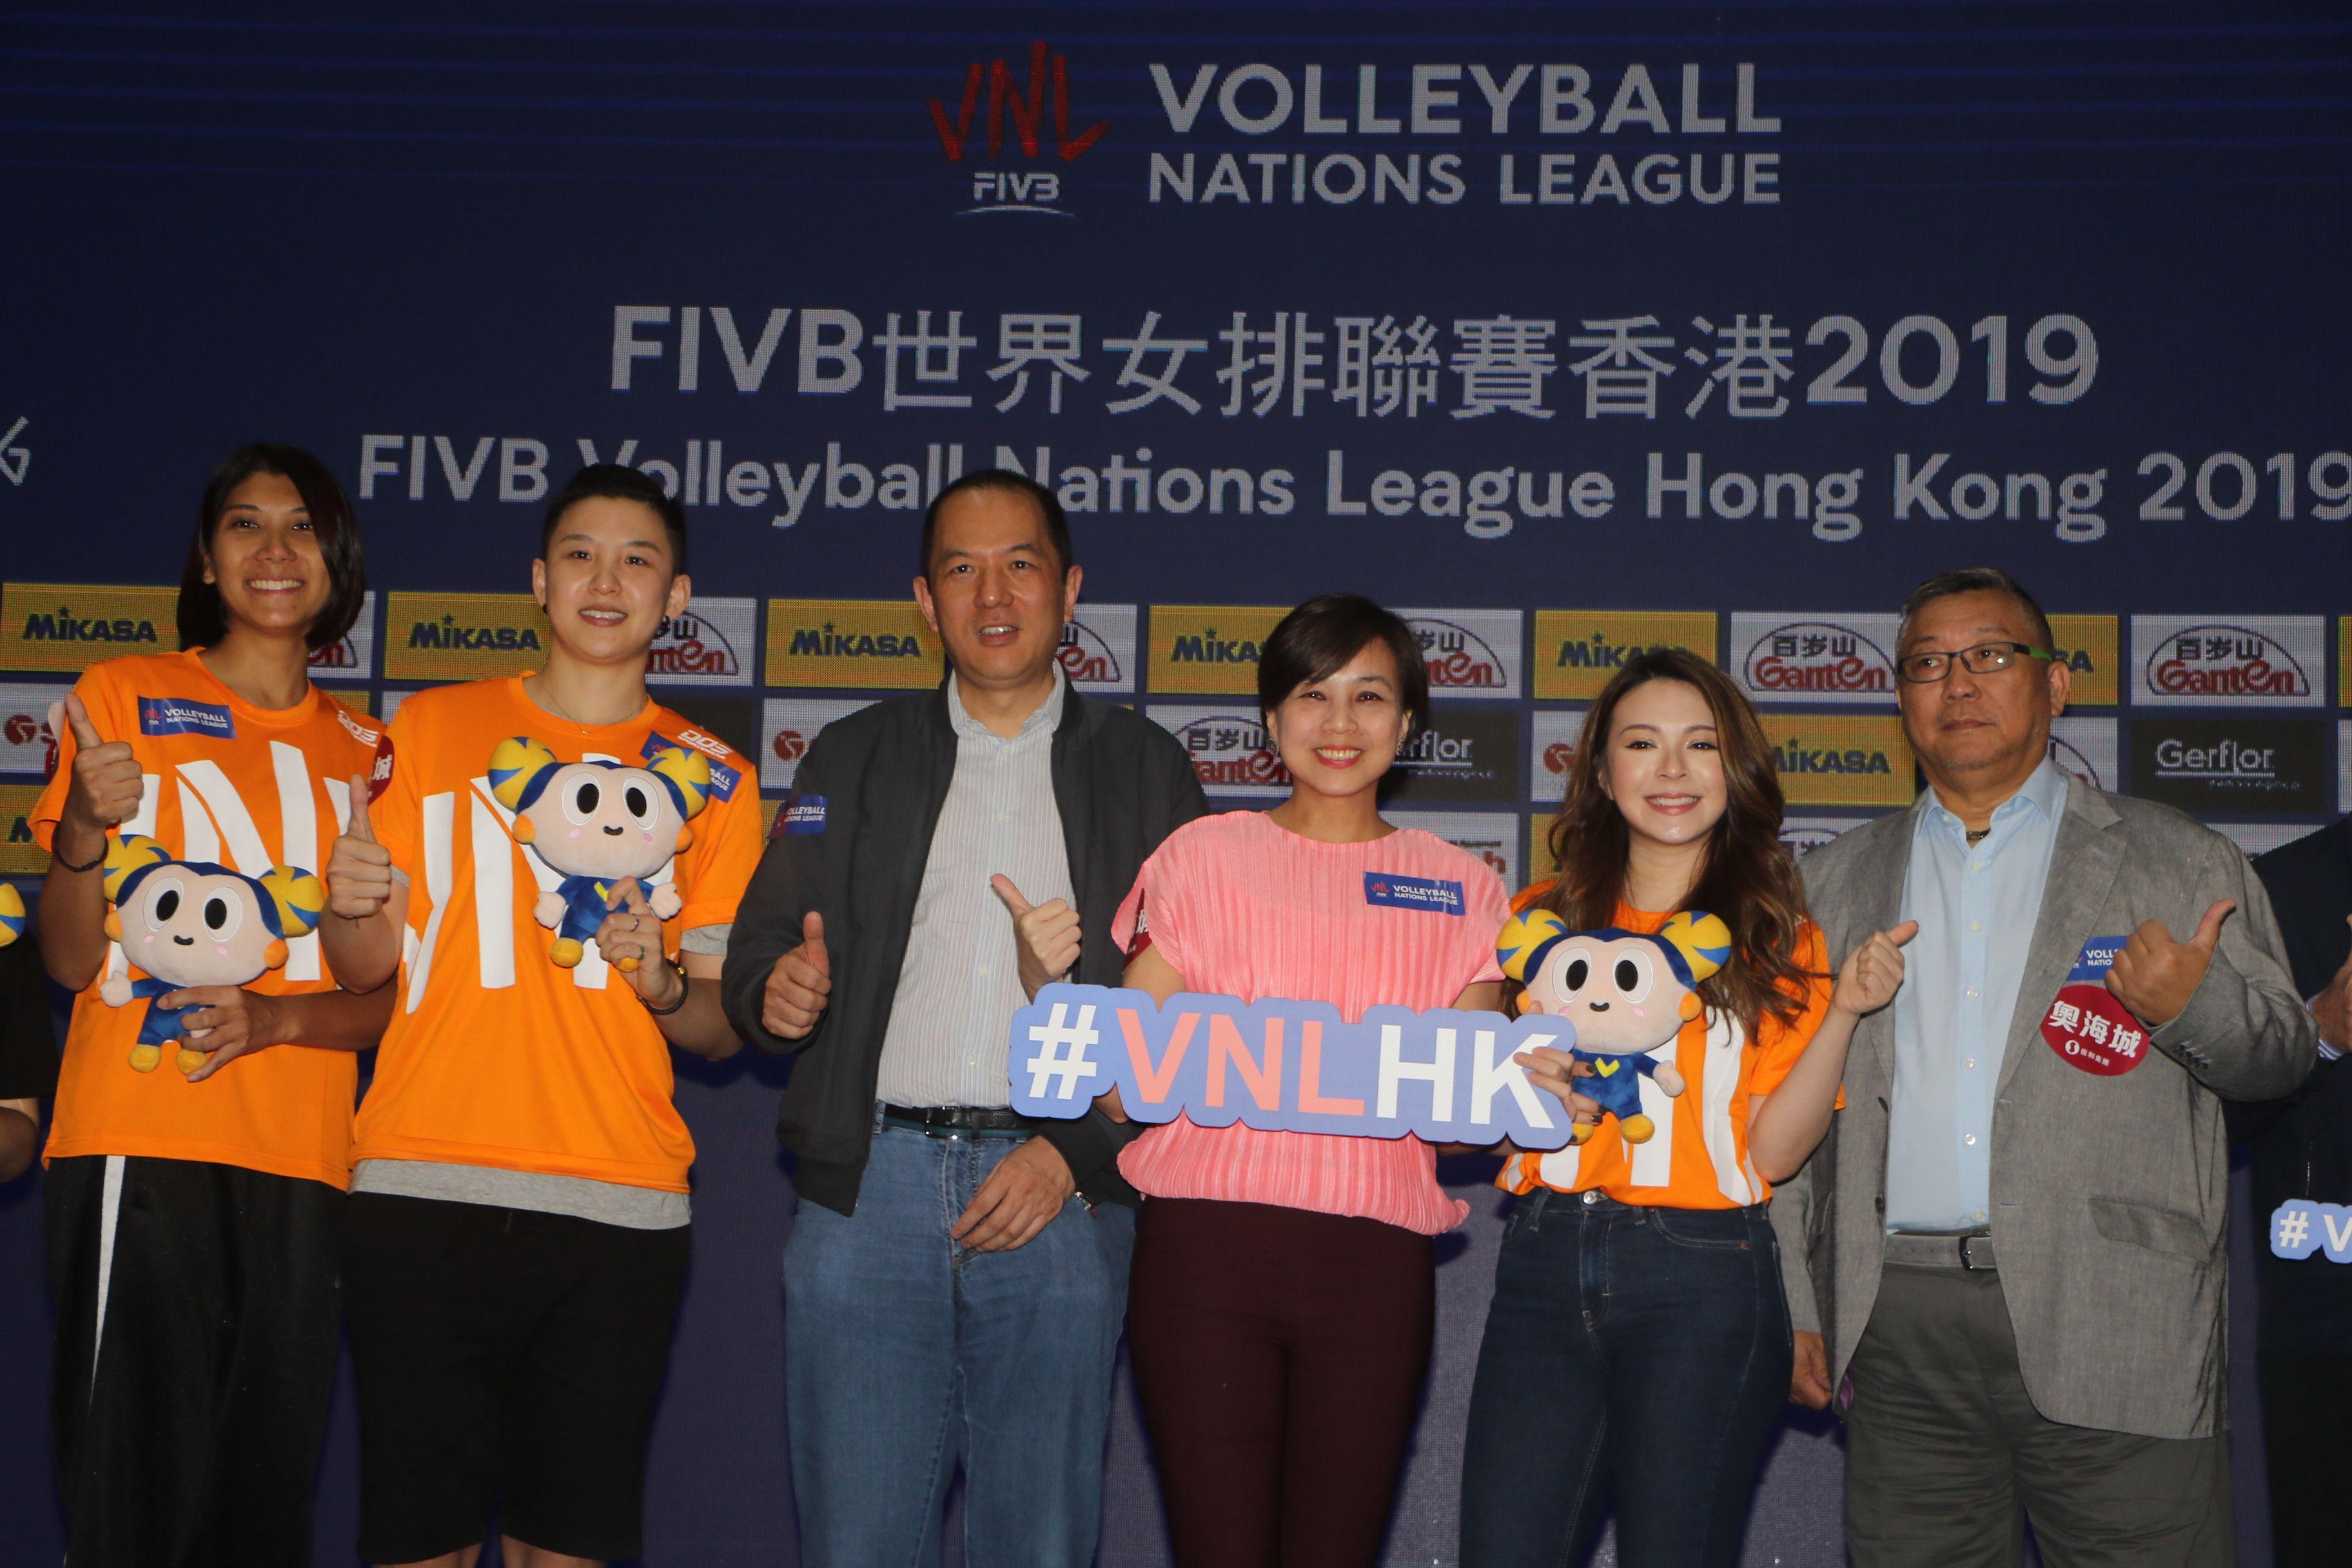 由郎平領軍的中國將與日本、意大利和荷蘭會師世界女排聯賽香港站。王嘉豪攝